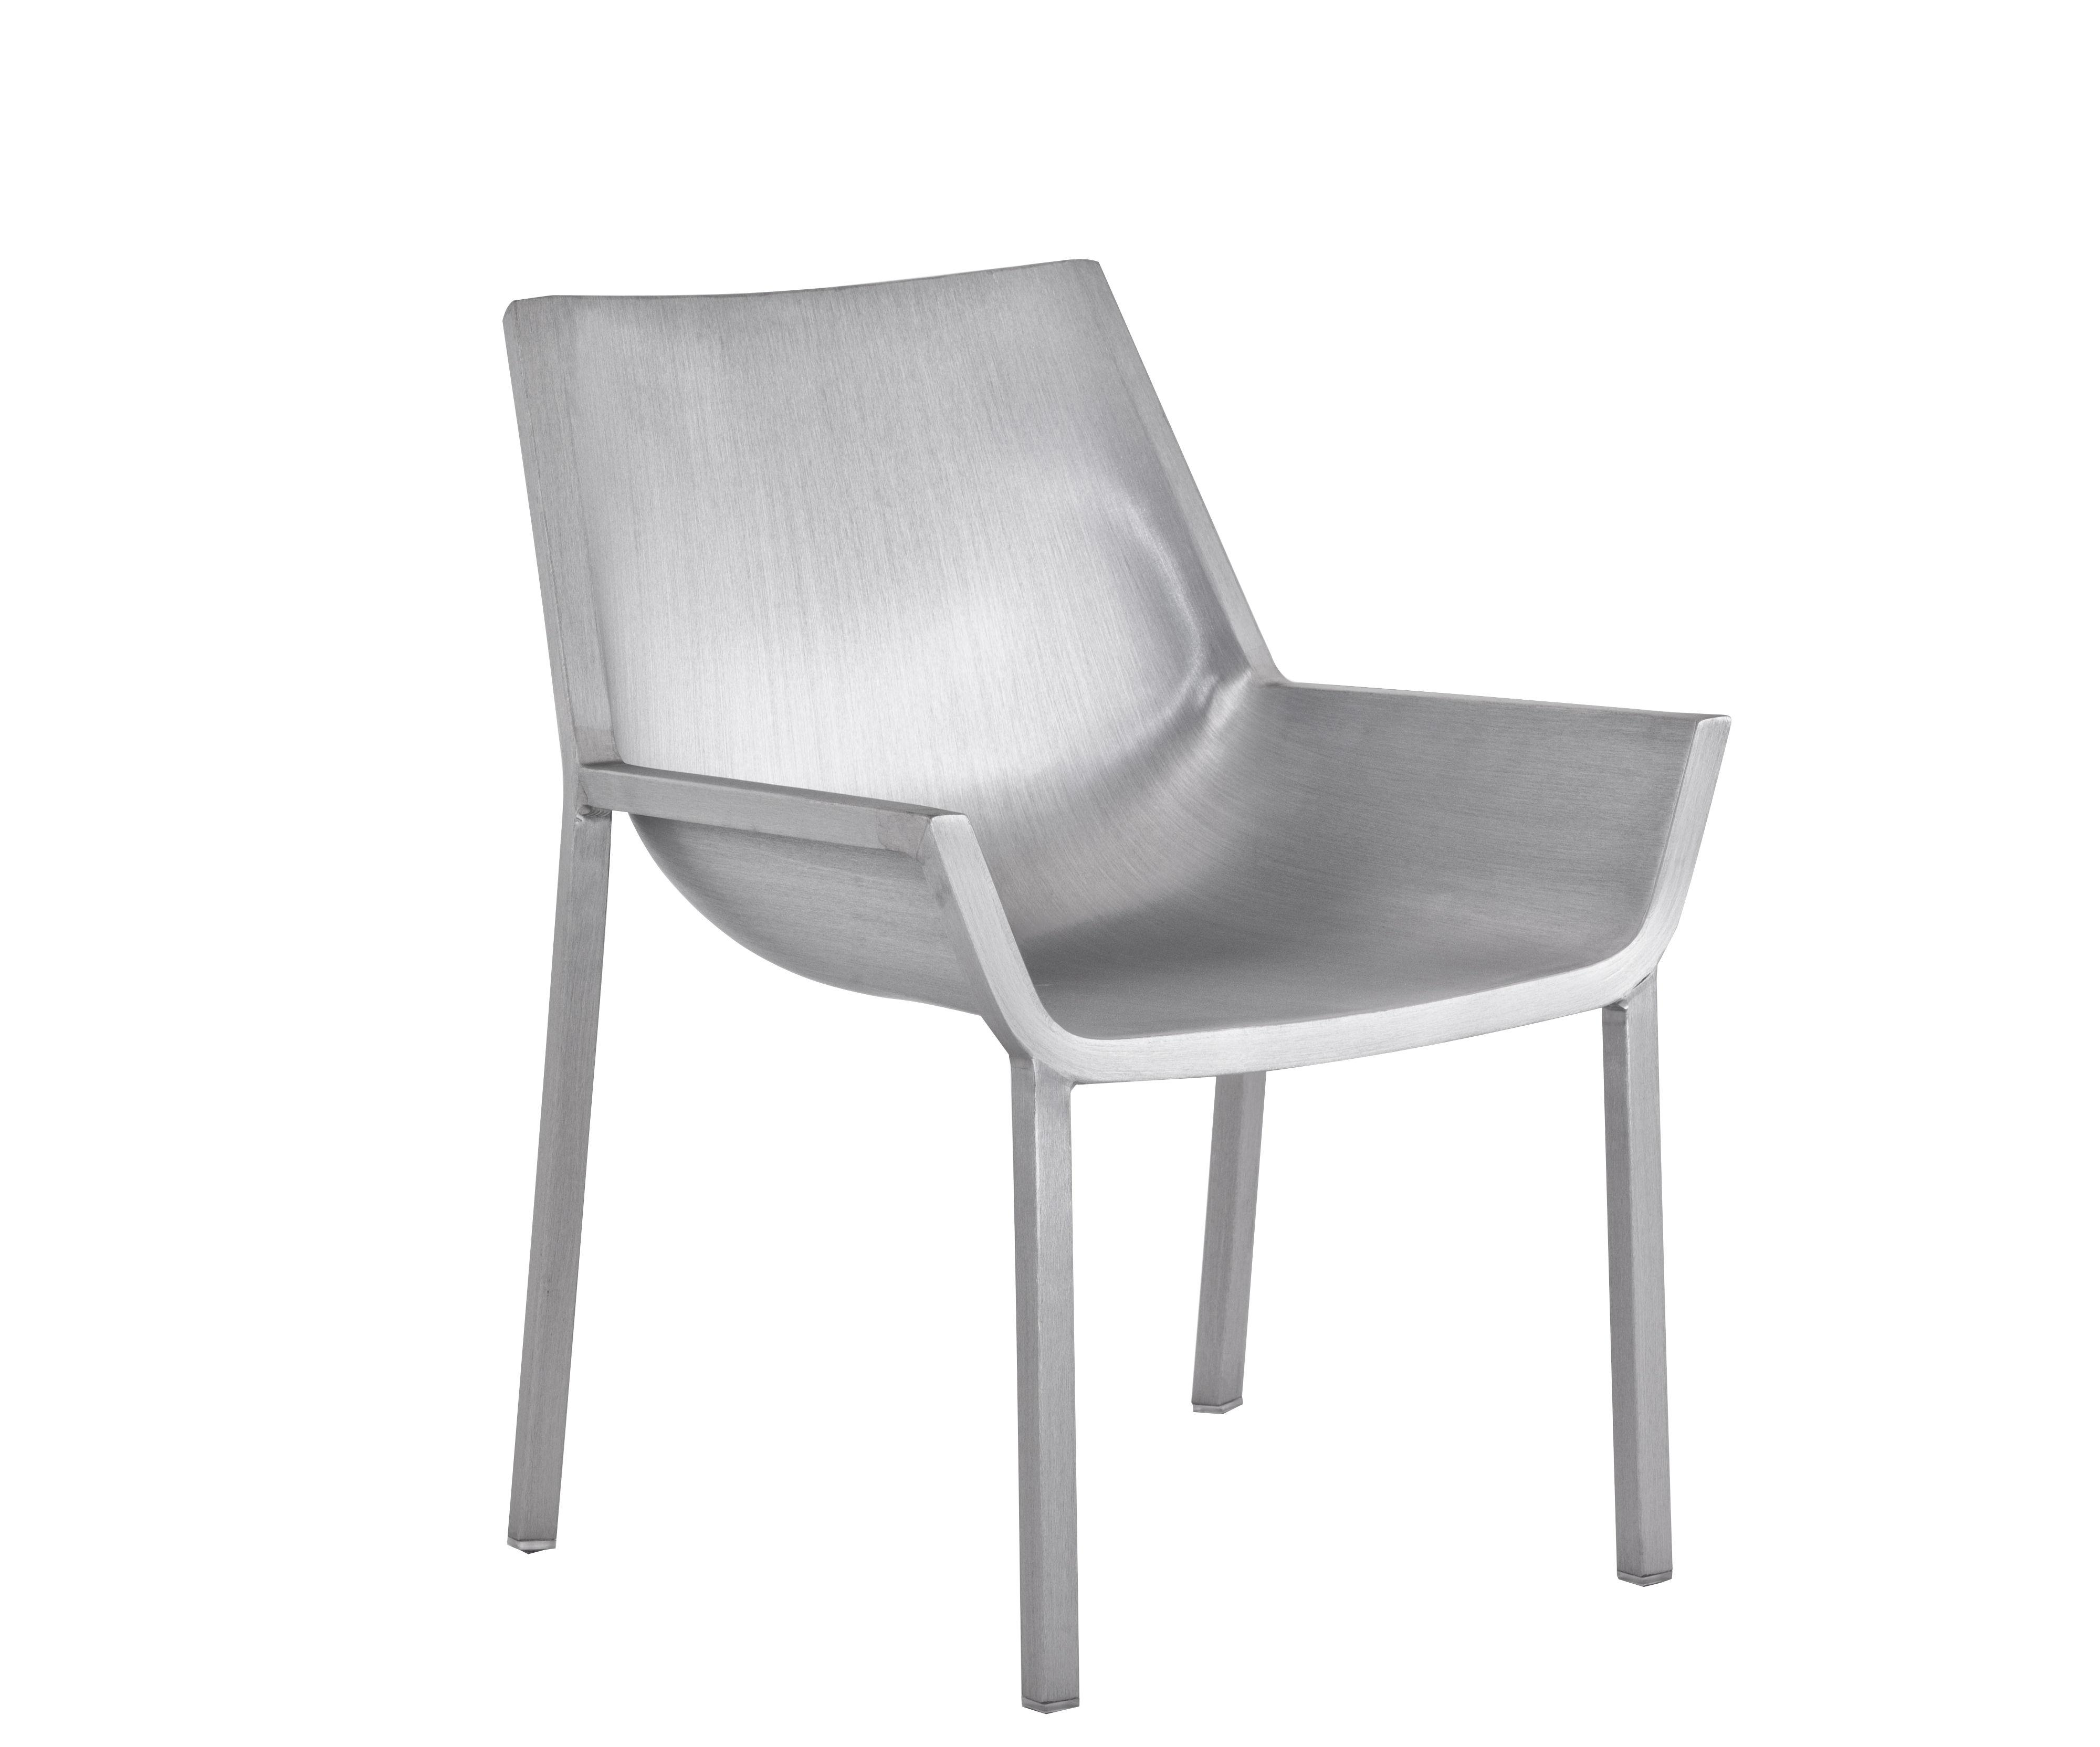 Arredamento - Poltrone design  - Poltrona bassa Sezz di Emeco - Alluminio spazzolato - Aluminium recyclé finition brossé